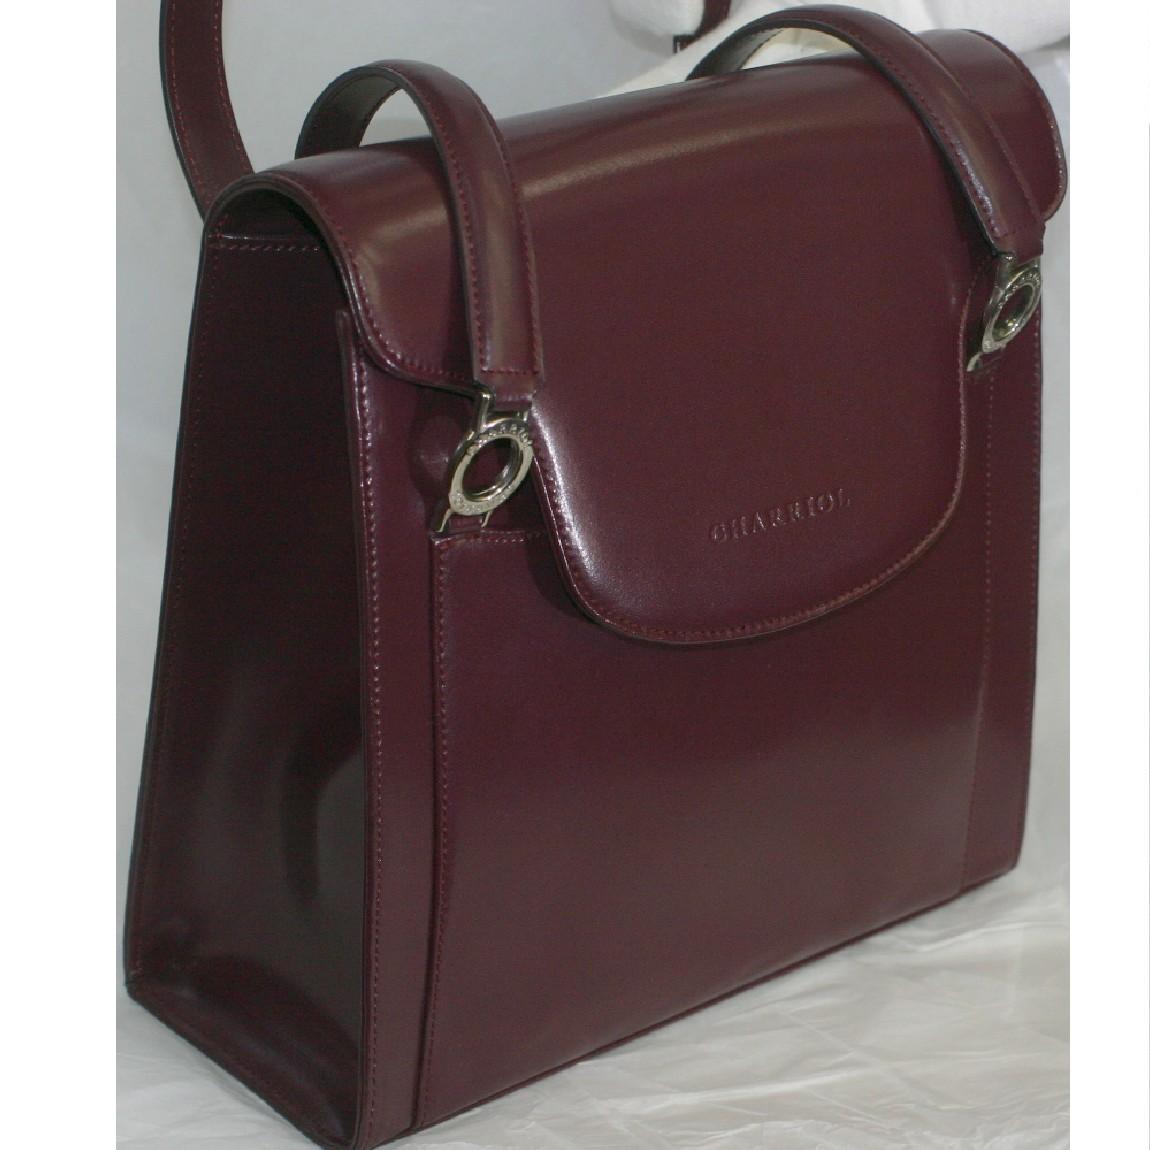 【中古】本物ほぼ新品フィリップシャリオール女性用綺麗なパープル色革素材お洒落なフォルムのショルダーバッグ サイズW23,5H25D10cmプレゼントに最適